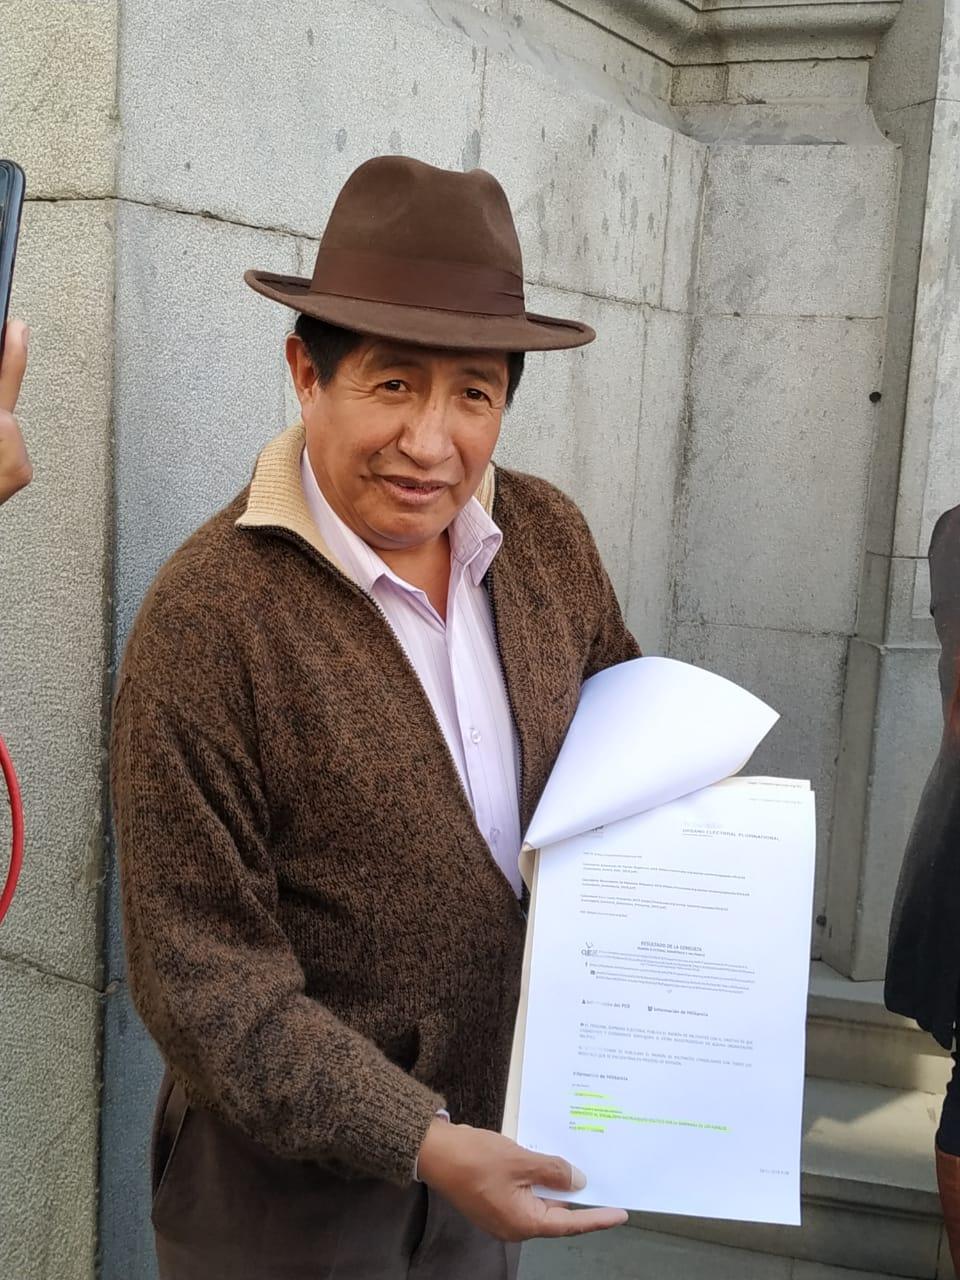 Rafael Quispe denuncia su militancia hacia el MAS sin haberse inscrito a ese partido político